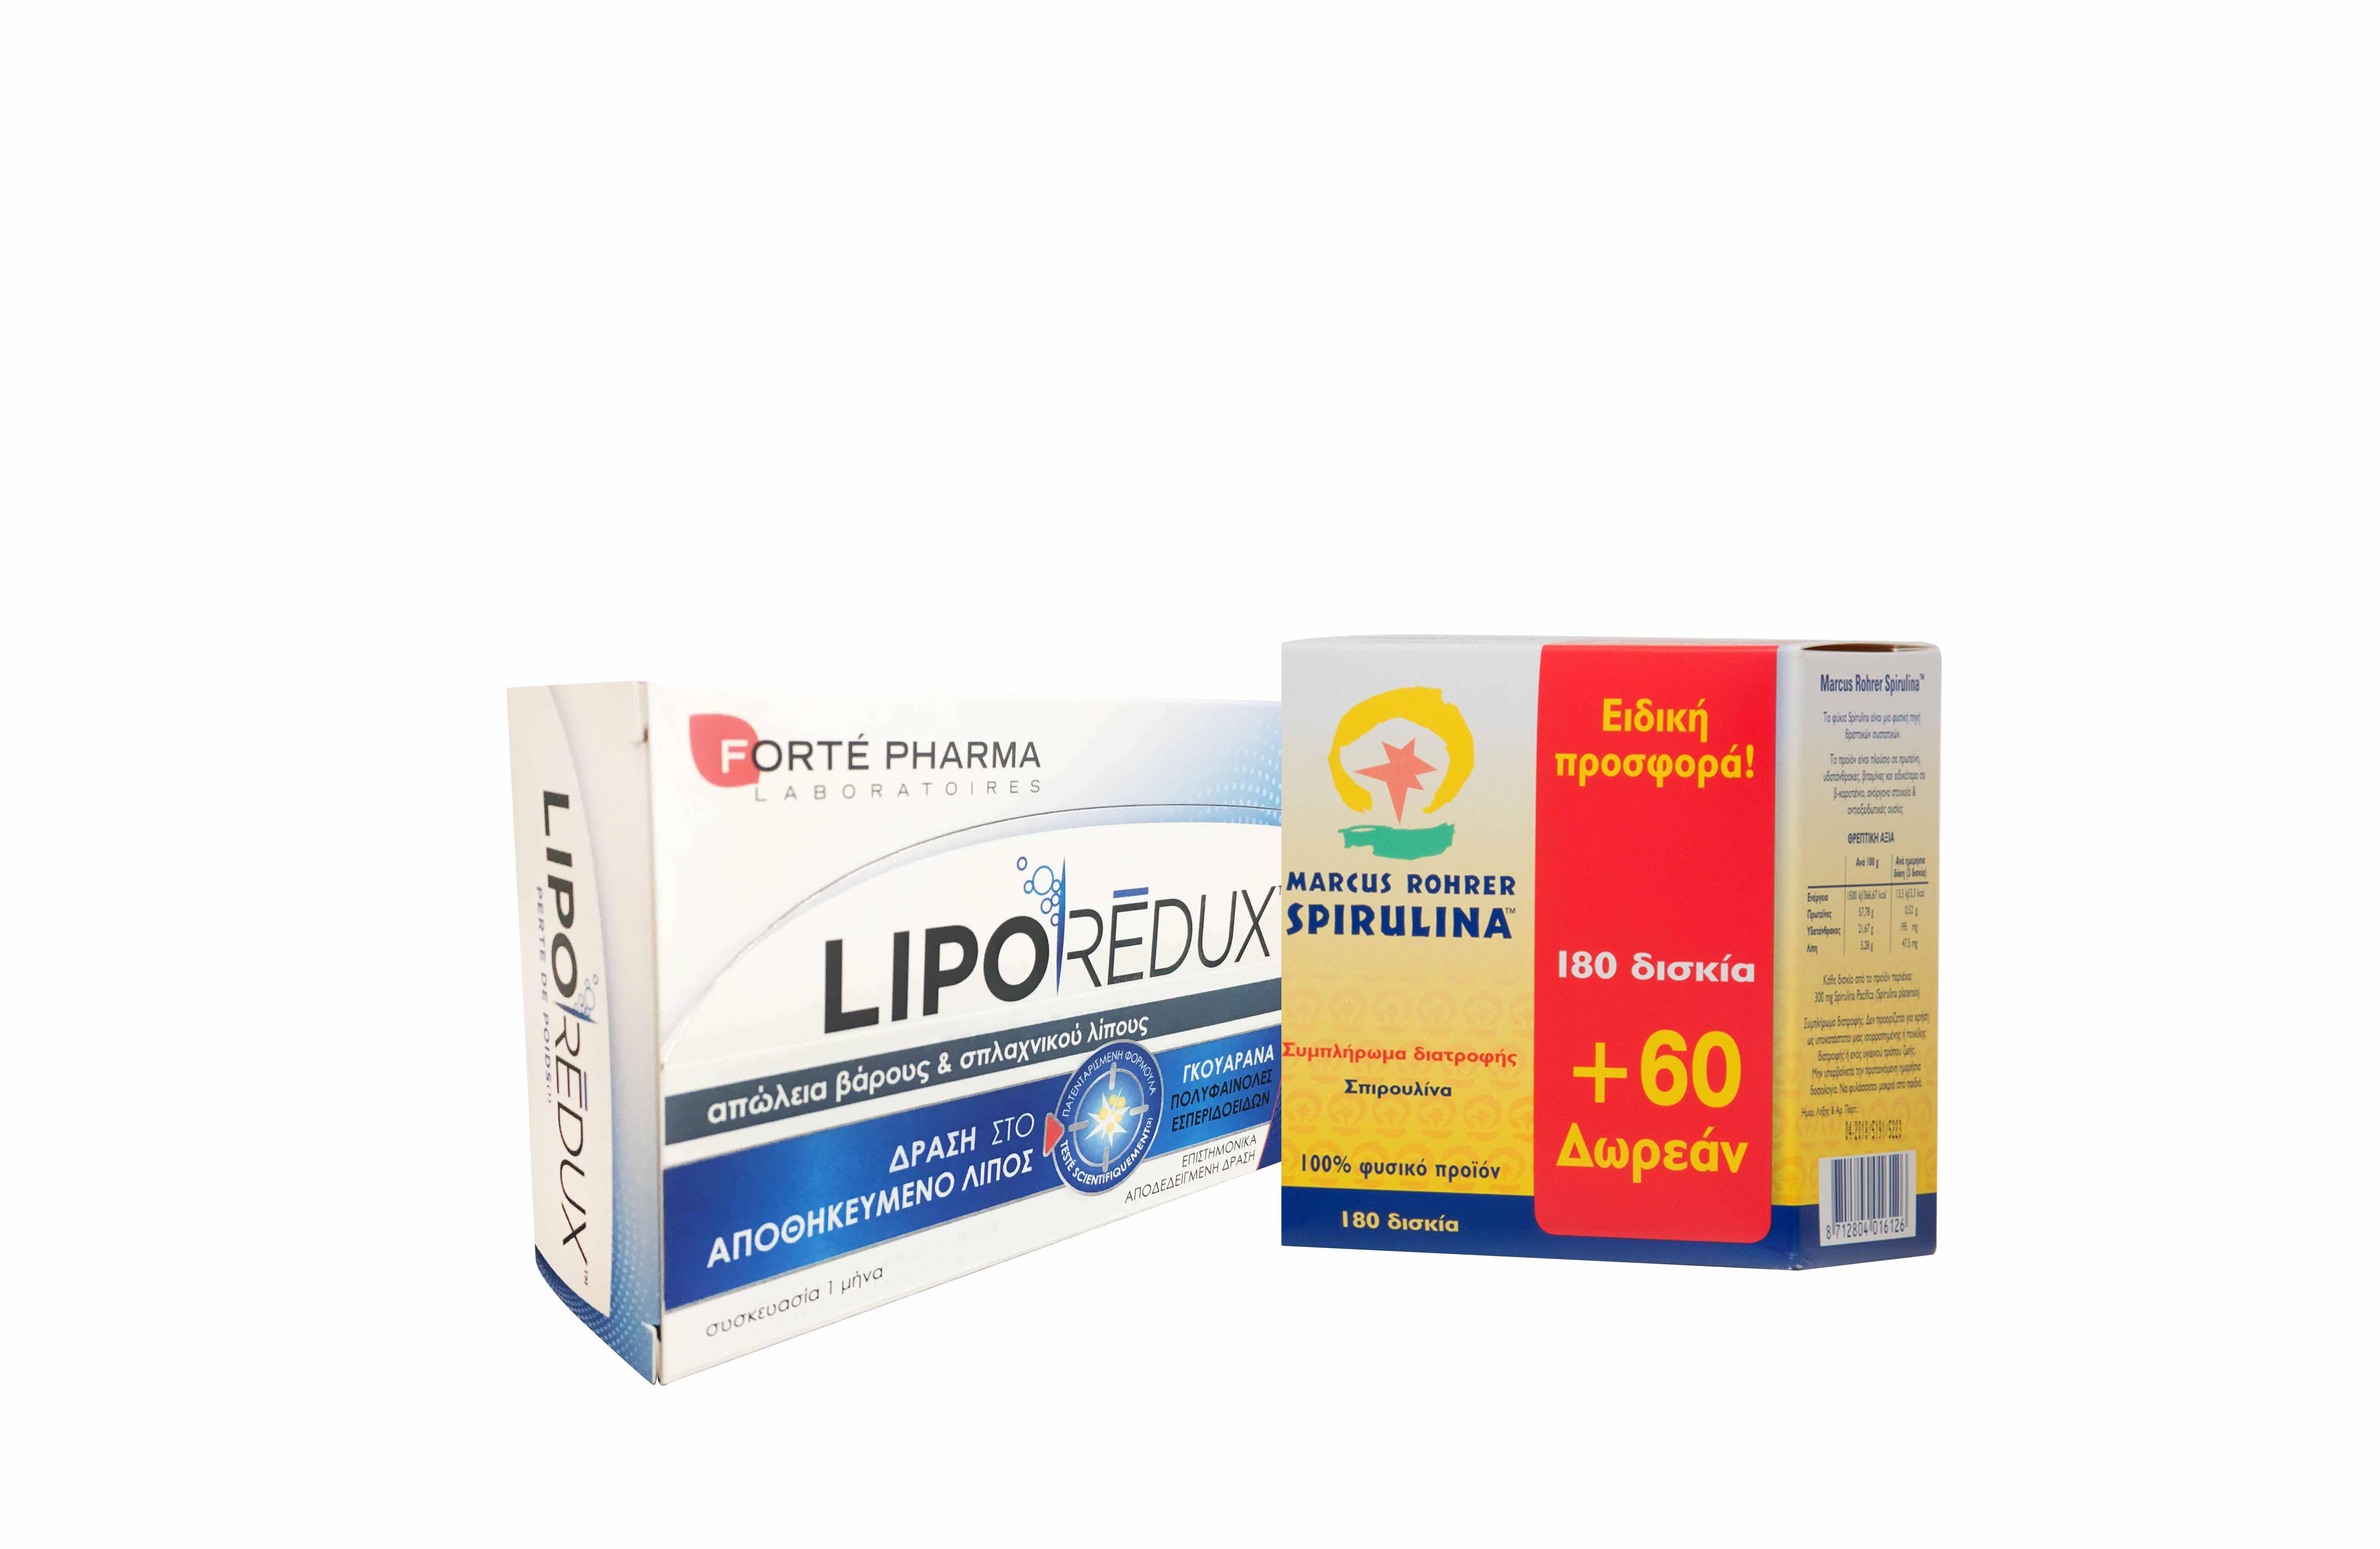 Αδυνατιστικό Πακέτο με Marcus Rohrer Spirulina, 180 tabs + 60caps(Δώρο) & ΜΑΖΙ Forte Pharma Lipo Redux 900mg, 56caps